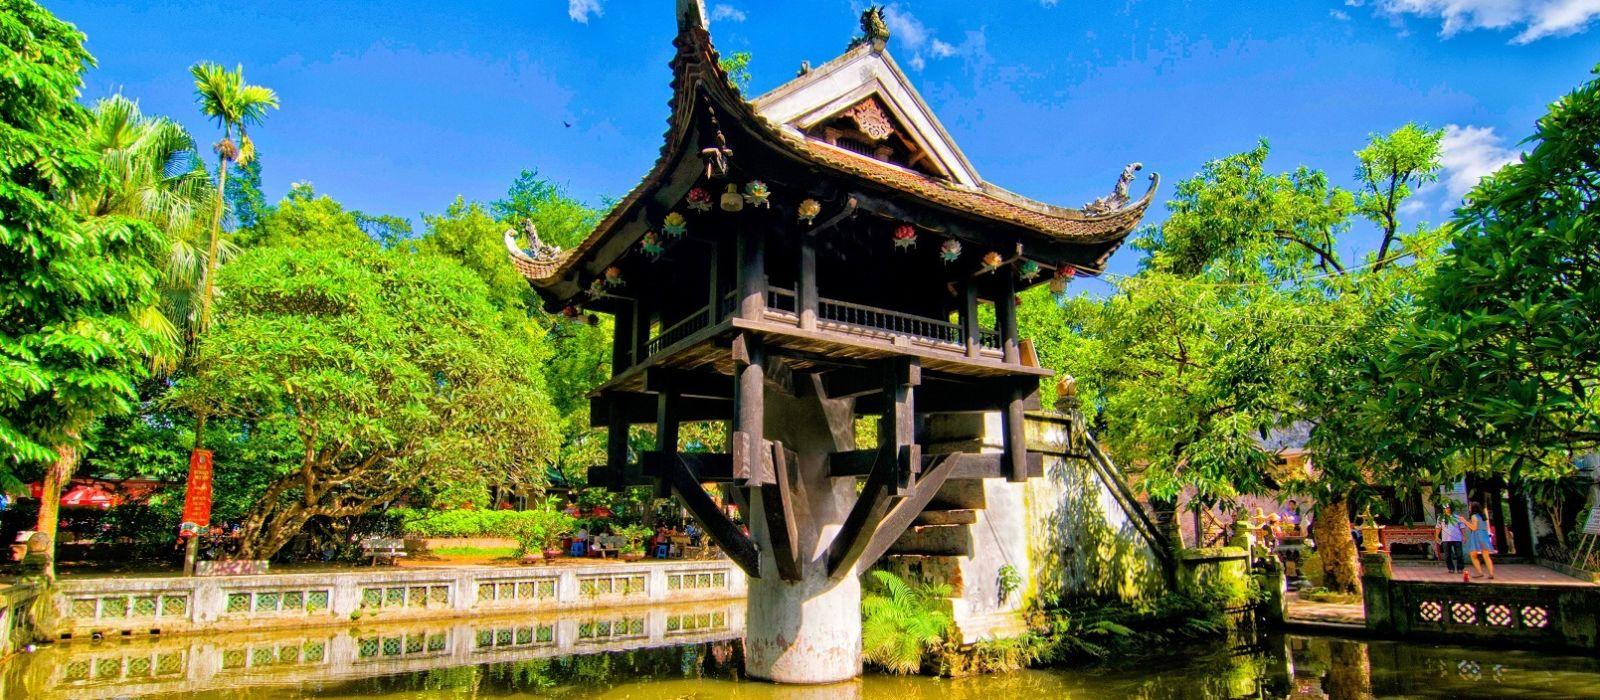 Luxurious Highlights of Vietnam Tour Trip 1